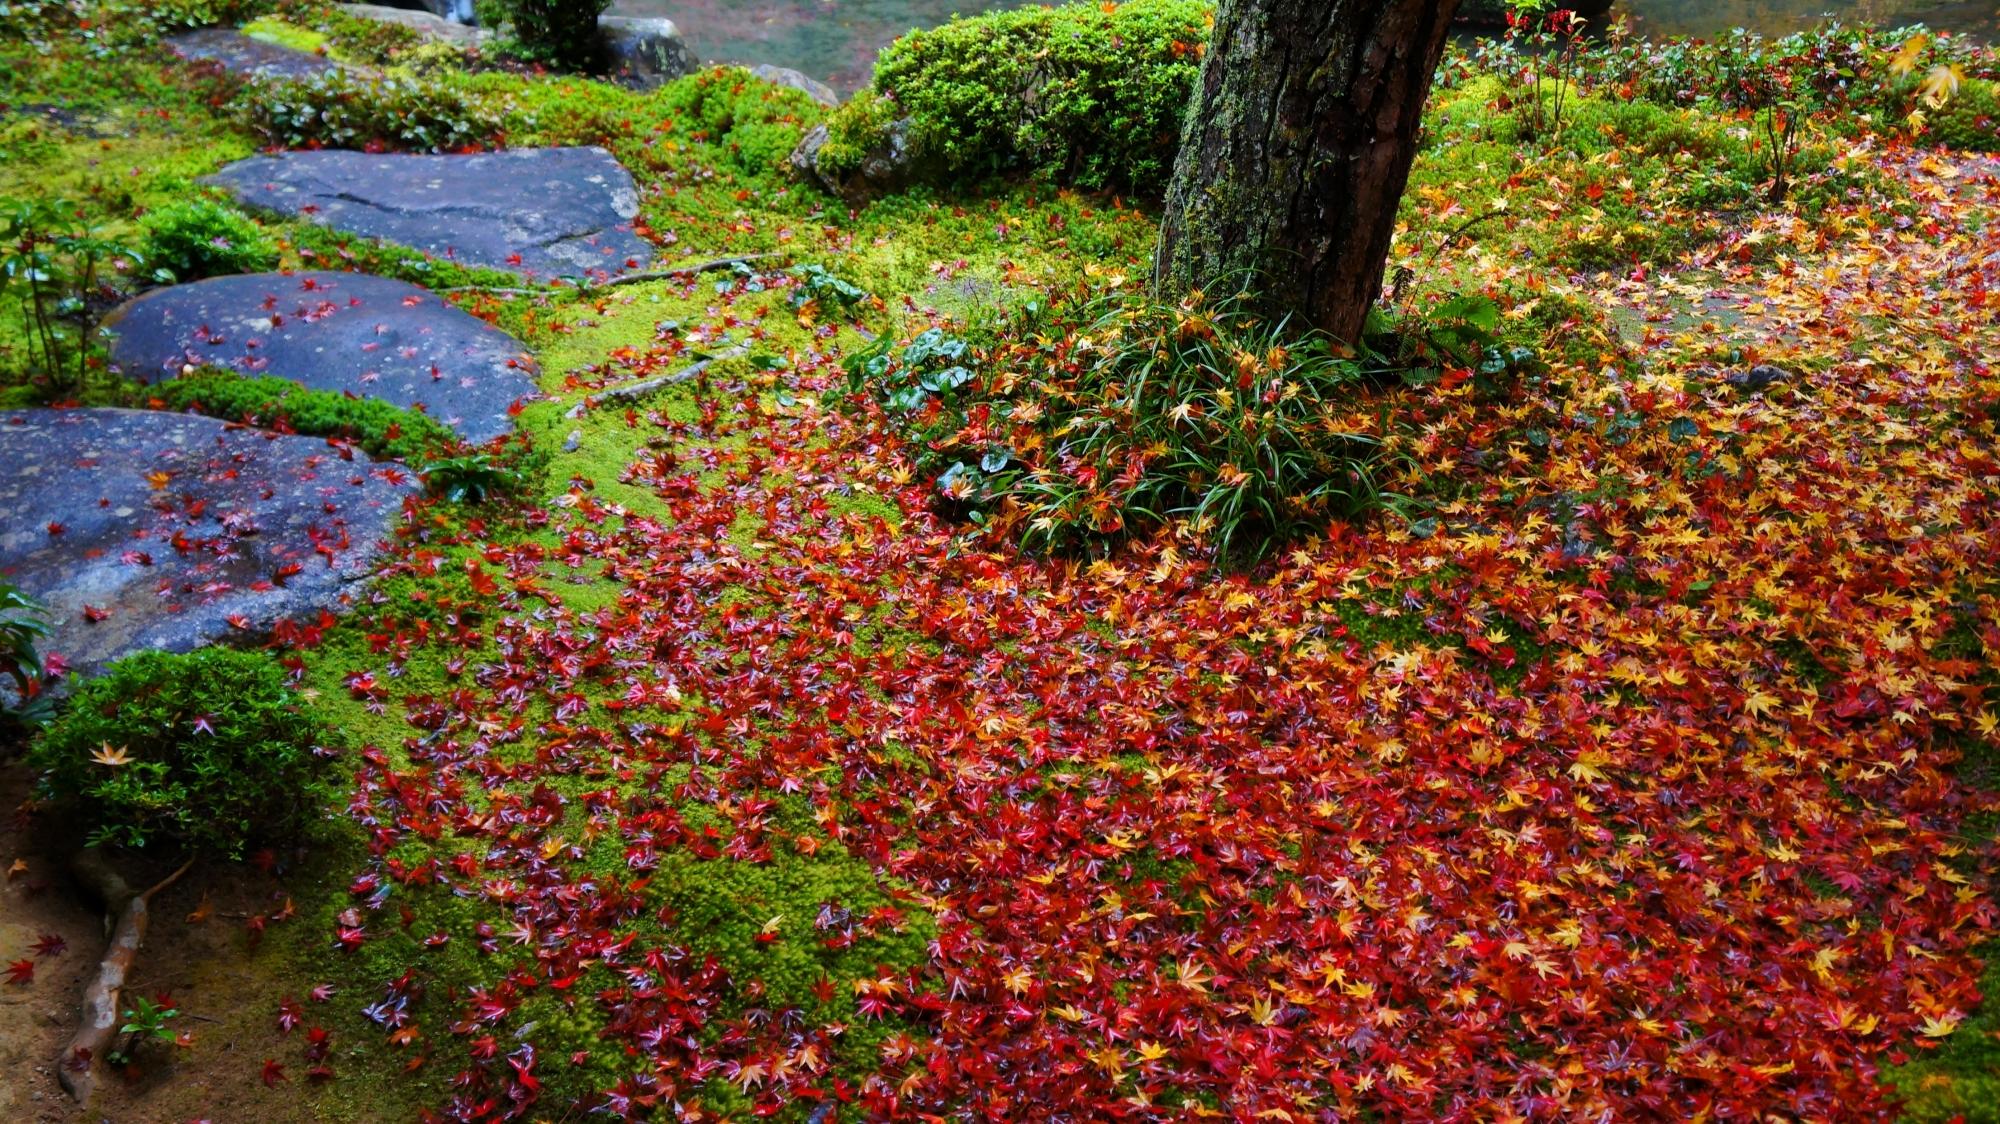 蓮華寺鮮やかな赤い散り紅葉